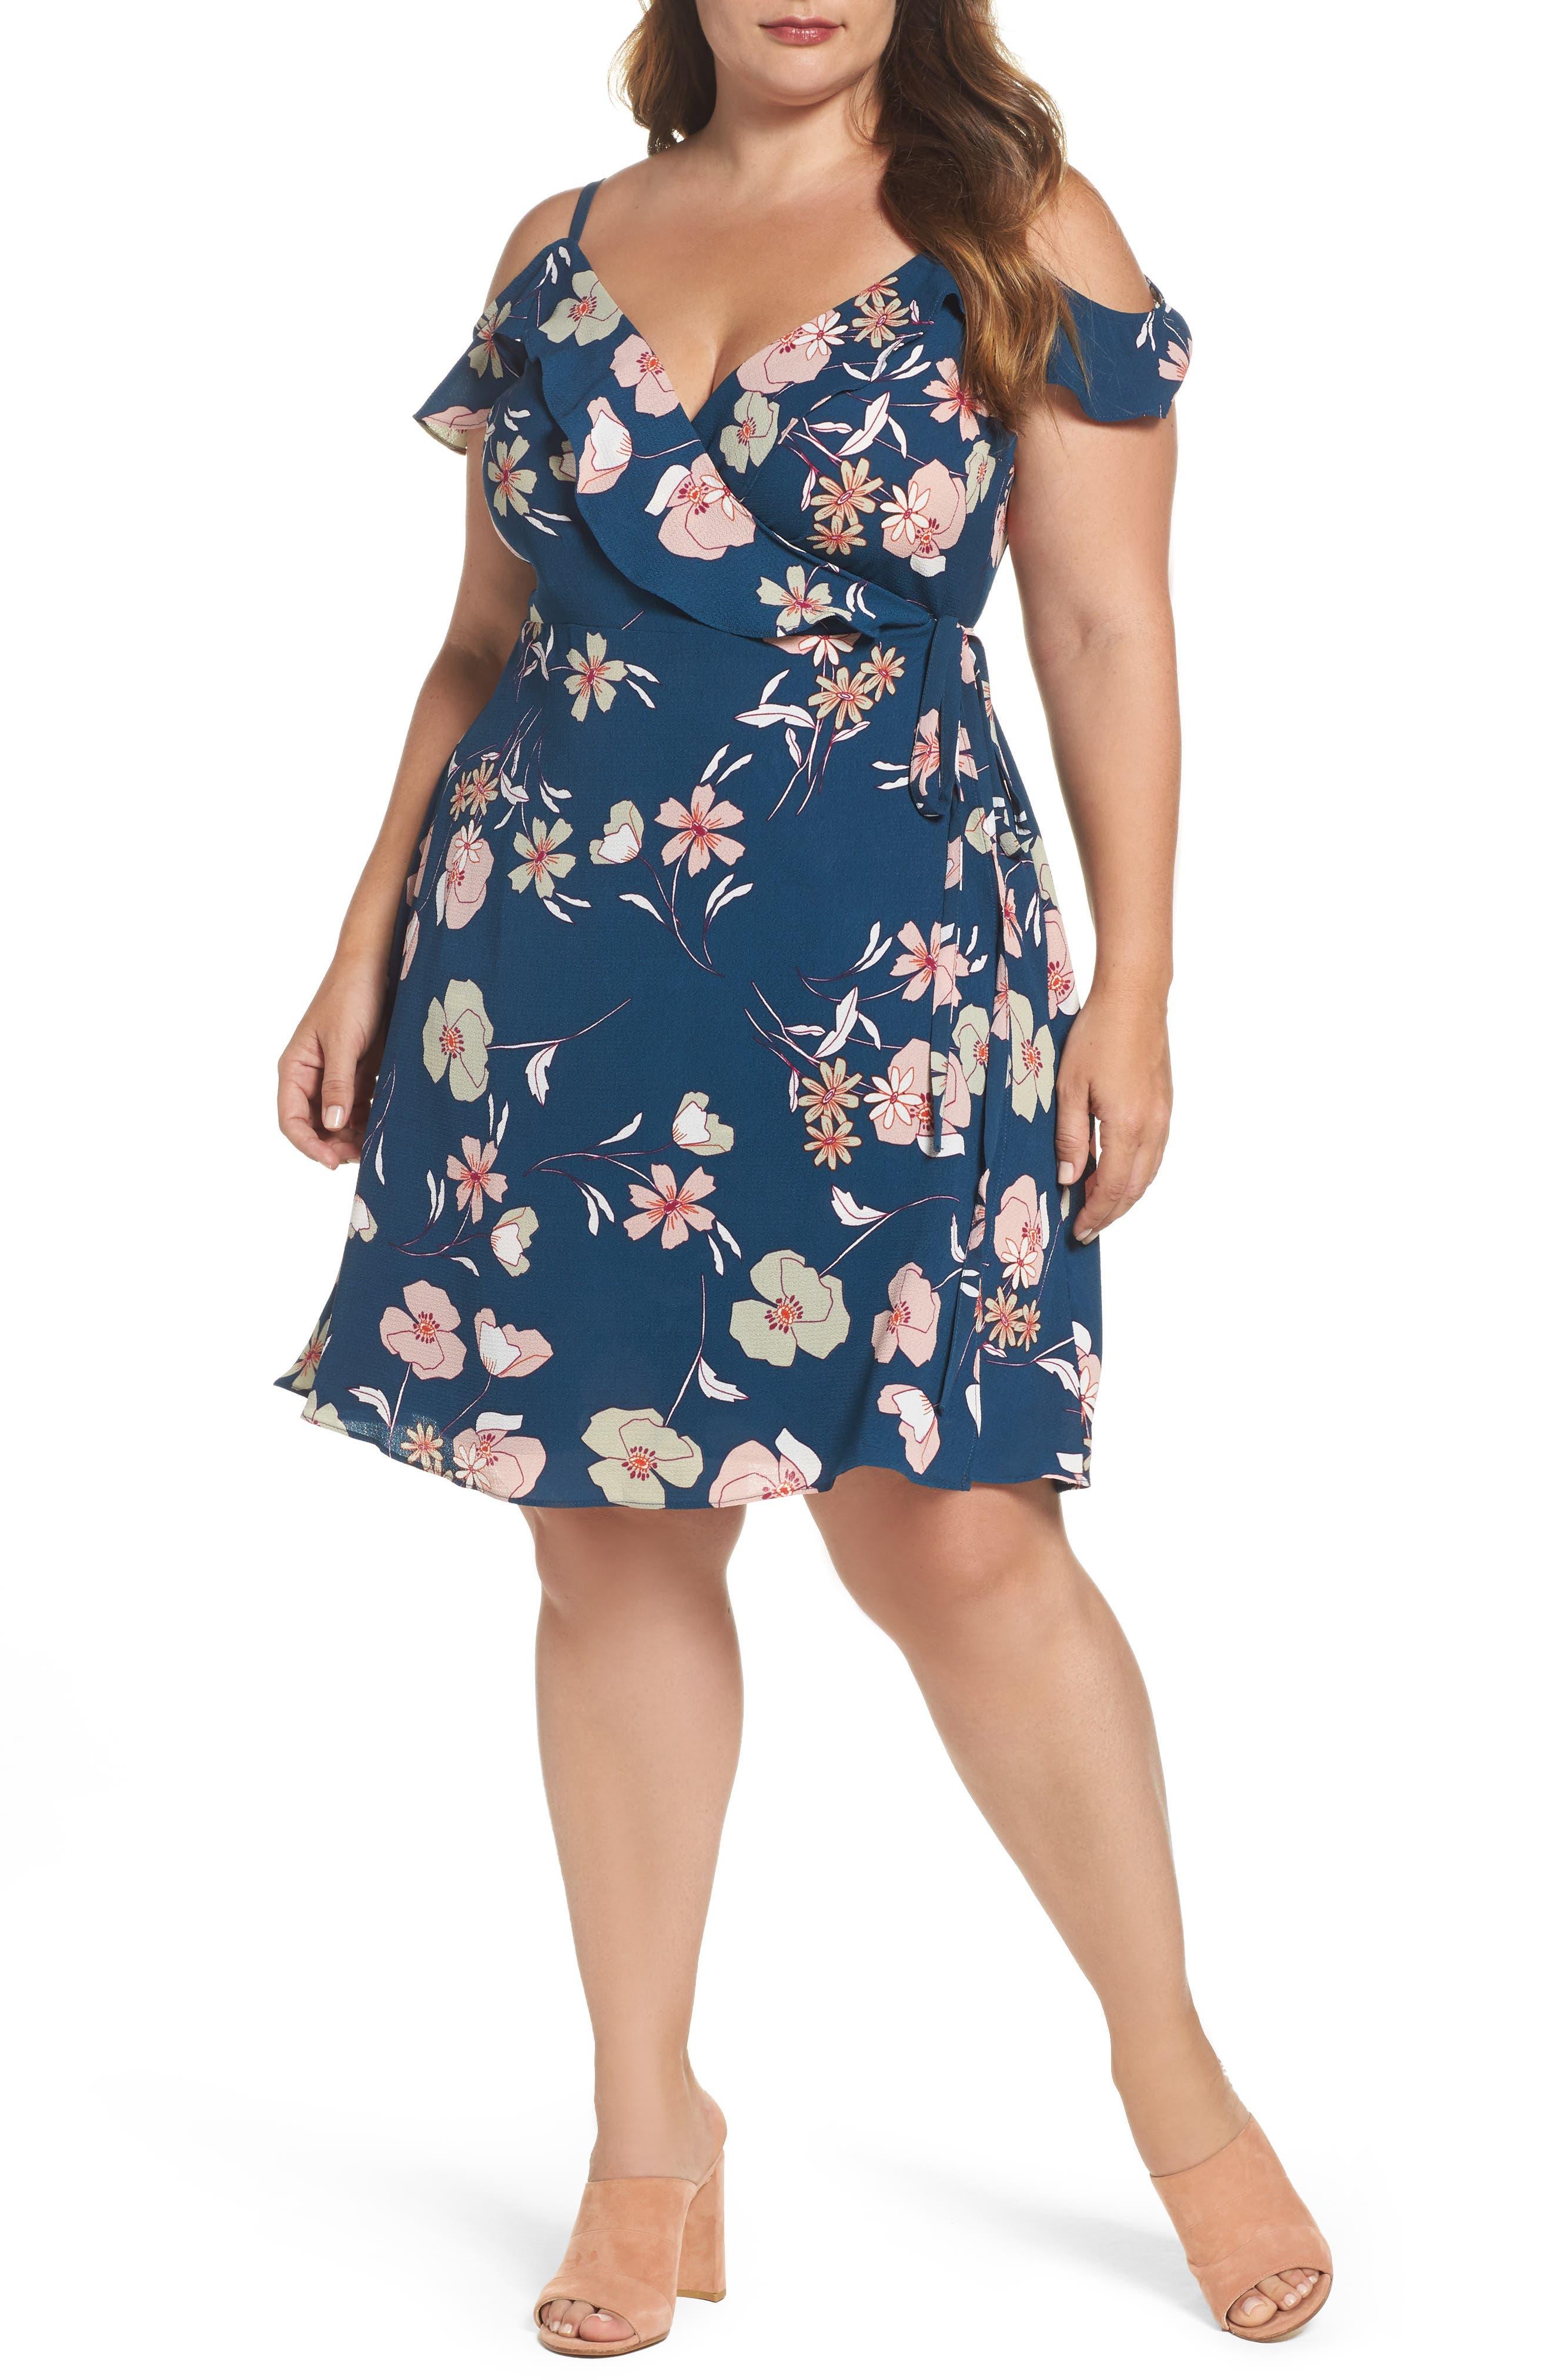 Lulu Floral Wrap Dress,                             Main thumbnail 1, color,                             656